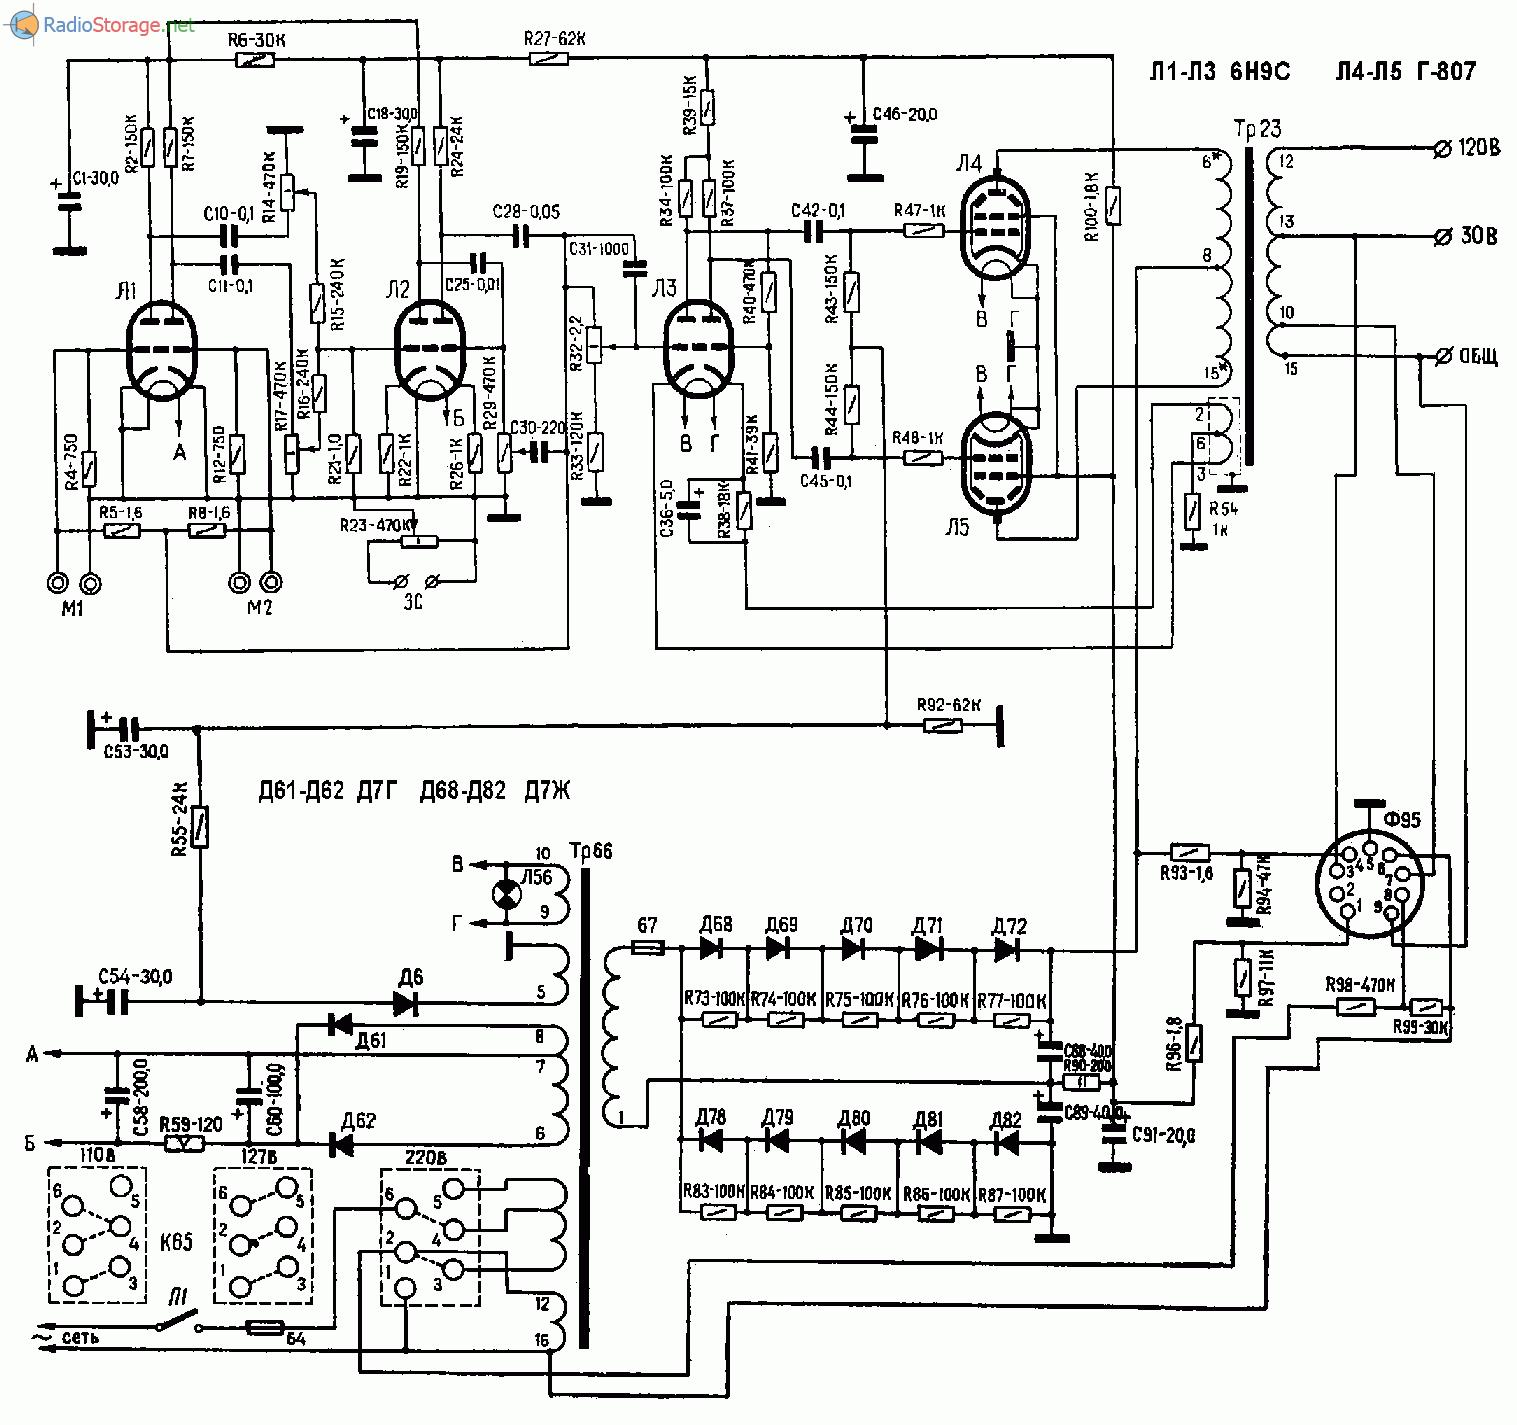 Ламповый усилитель ТУ-50М (6Н9С, Г-807), схема